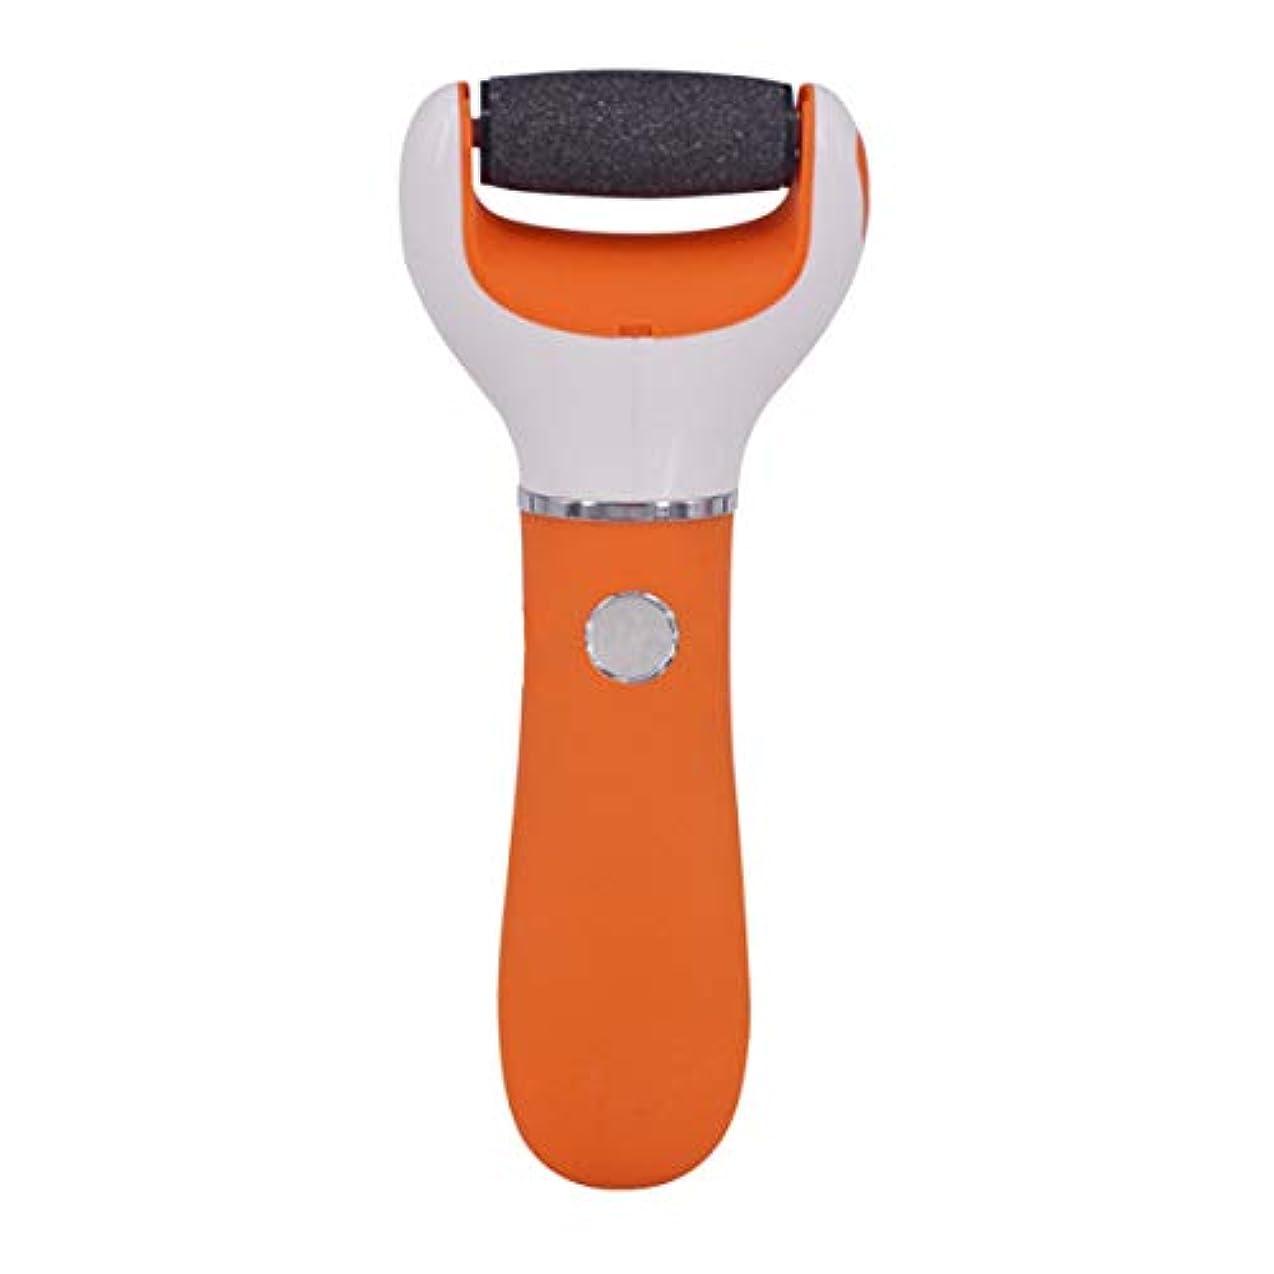 デコラティブ主バンケット電気足ファイルデバイスの充電式電気ペディキュアデバイスは、たこのペディキュアの楽器を剥離します,Orange